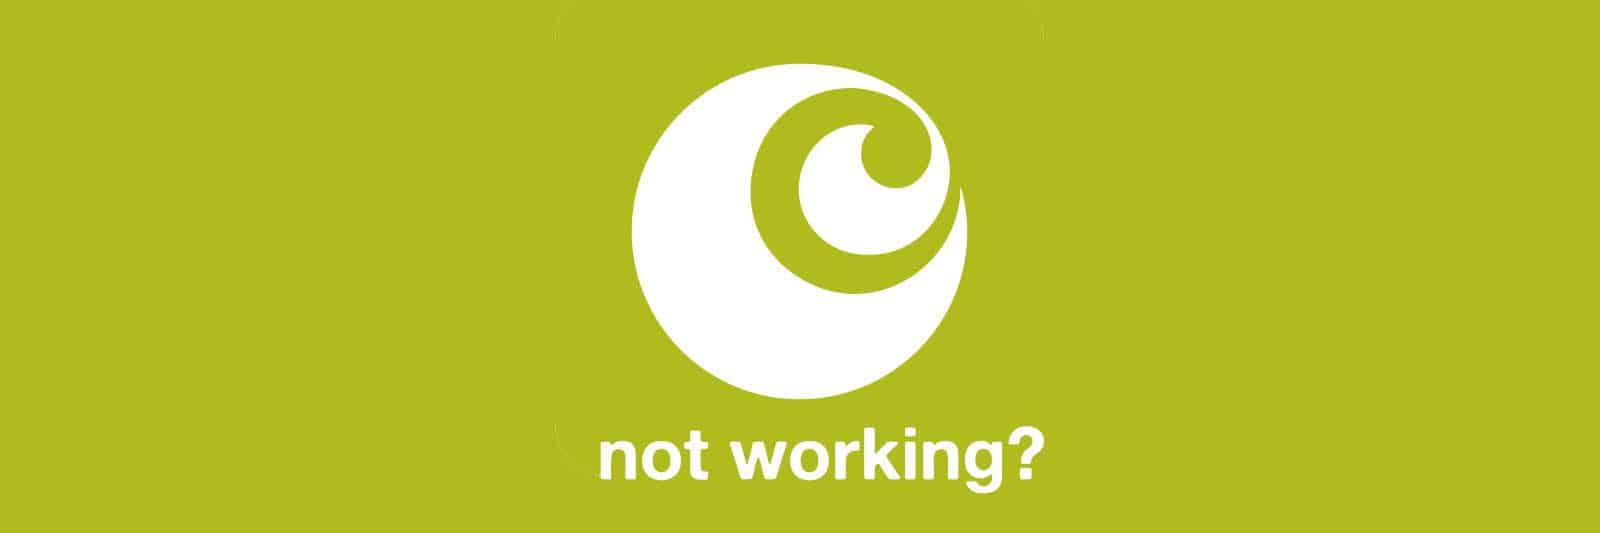 ocado-not-working